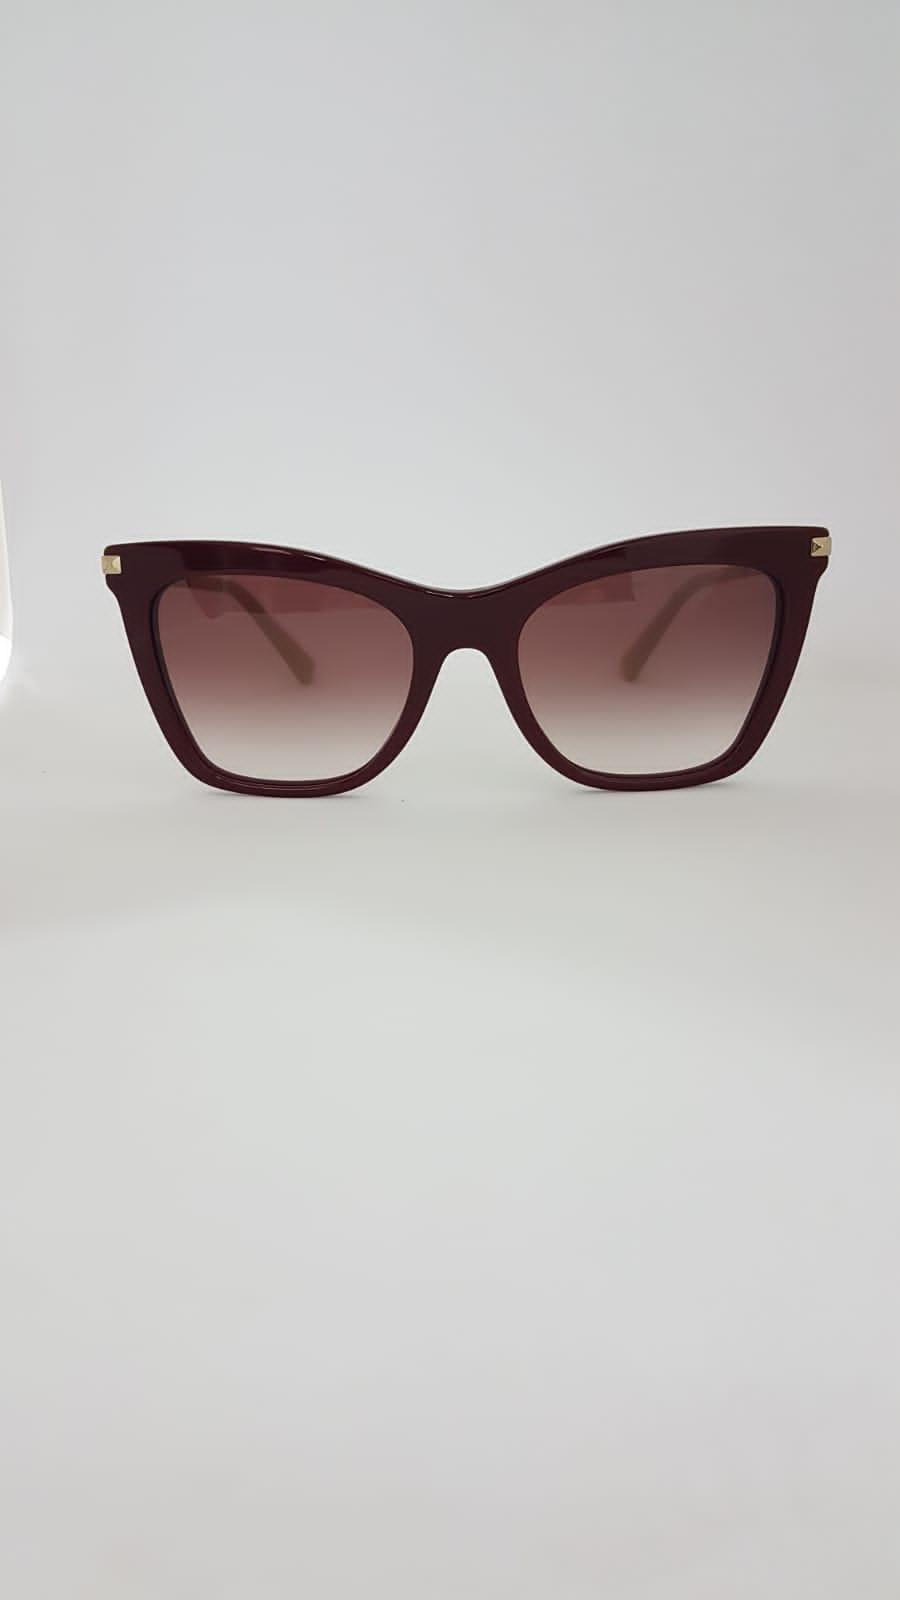 Occhiale da sole Valentino 4061 - 5139/8D